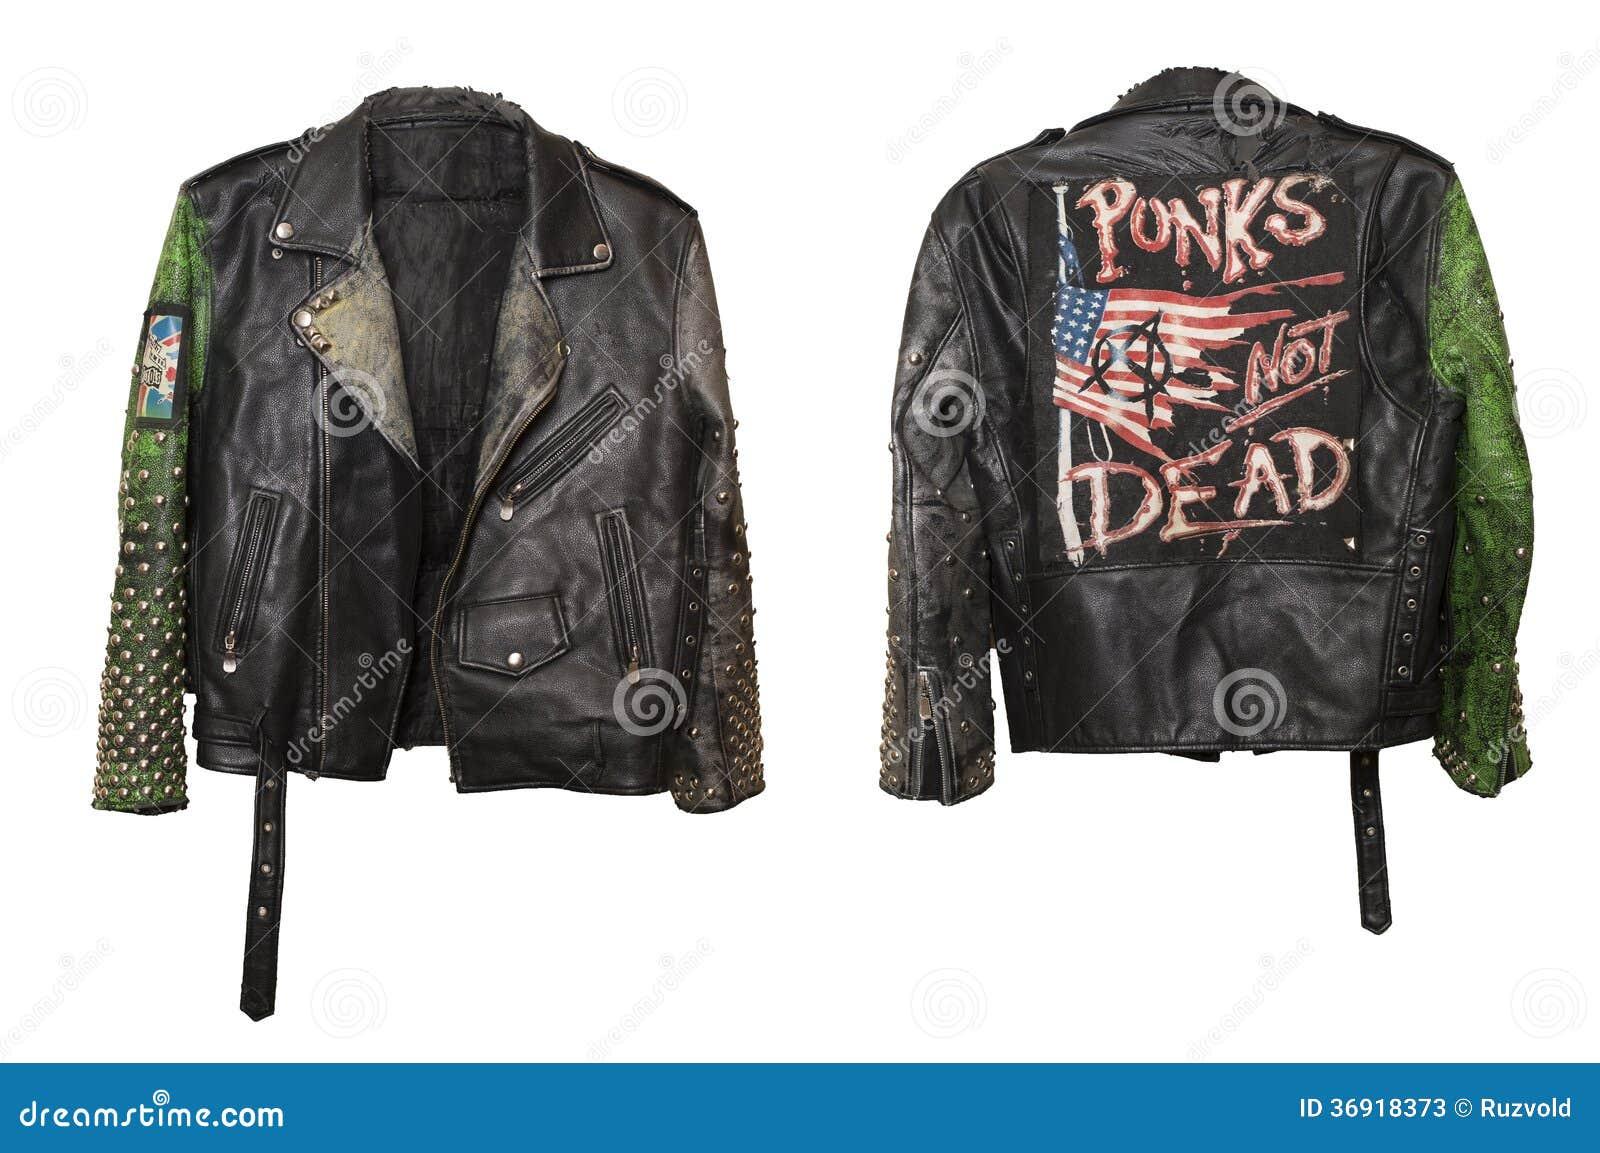 la meilleure attitude 7b492 4747c Garnissez En Cuir La Veste élégante Punk Souterraine Avec ...